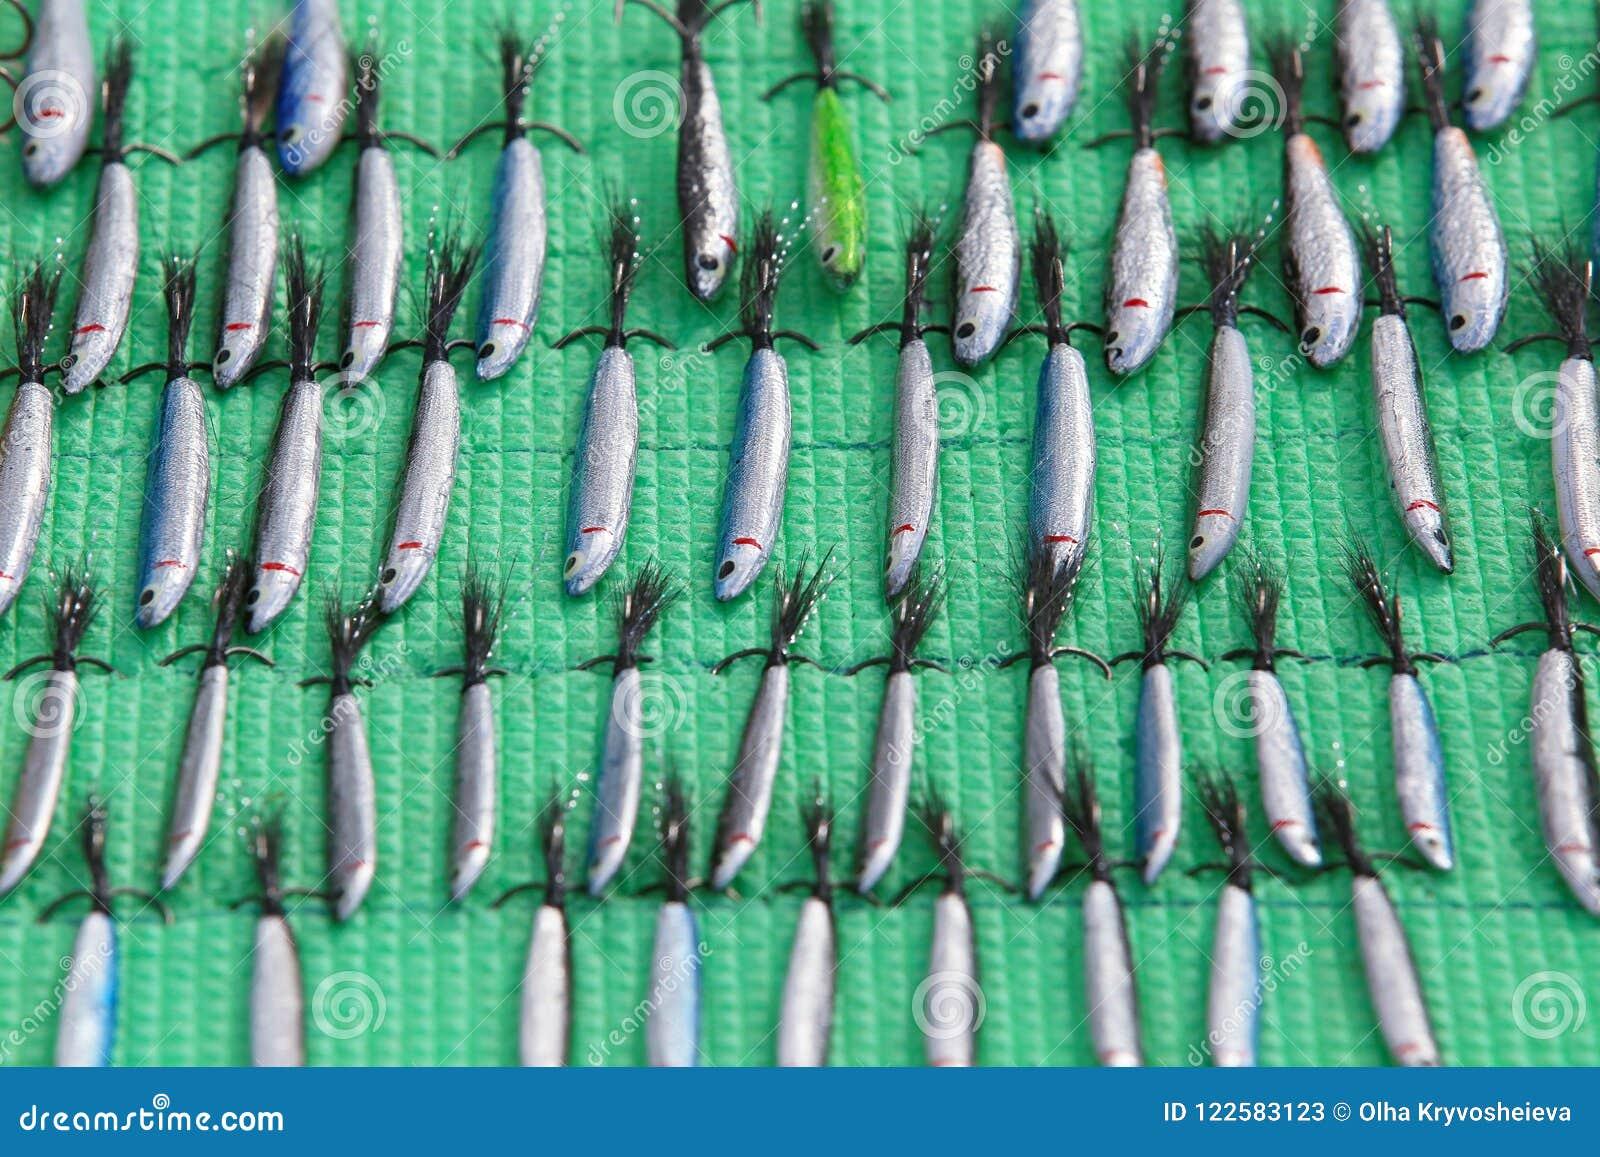 Cebos de cuchara, trastos y wobblers hechos a mano Pesca de señuelos y de los accesorios